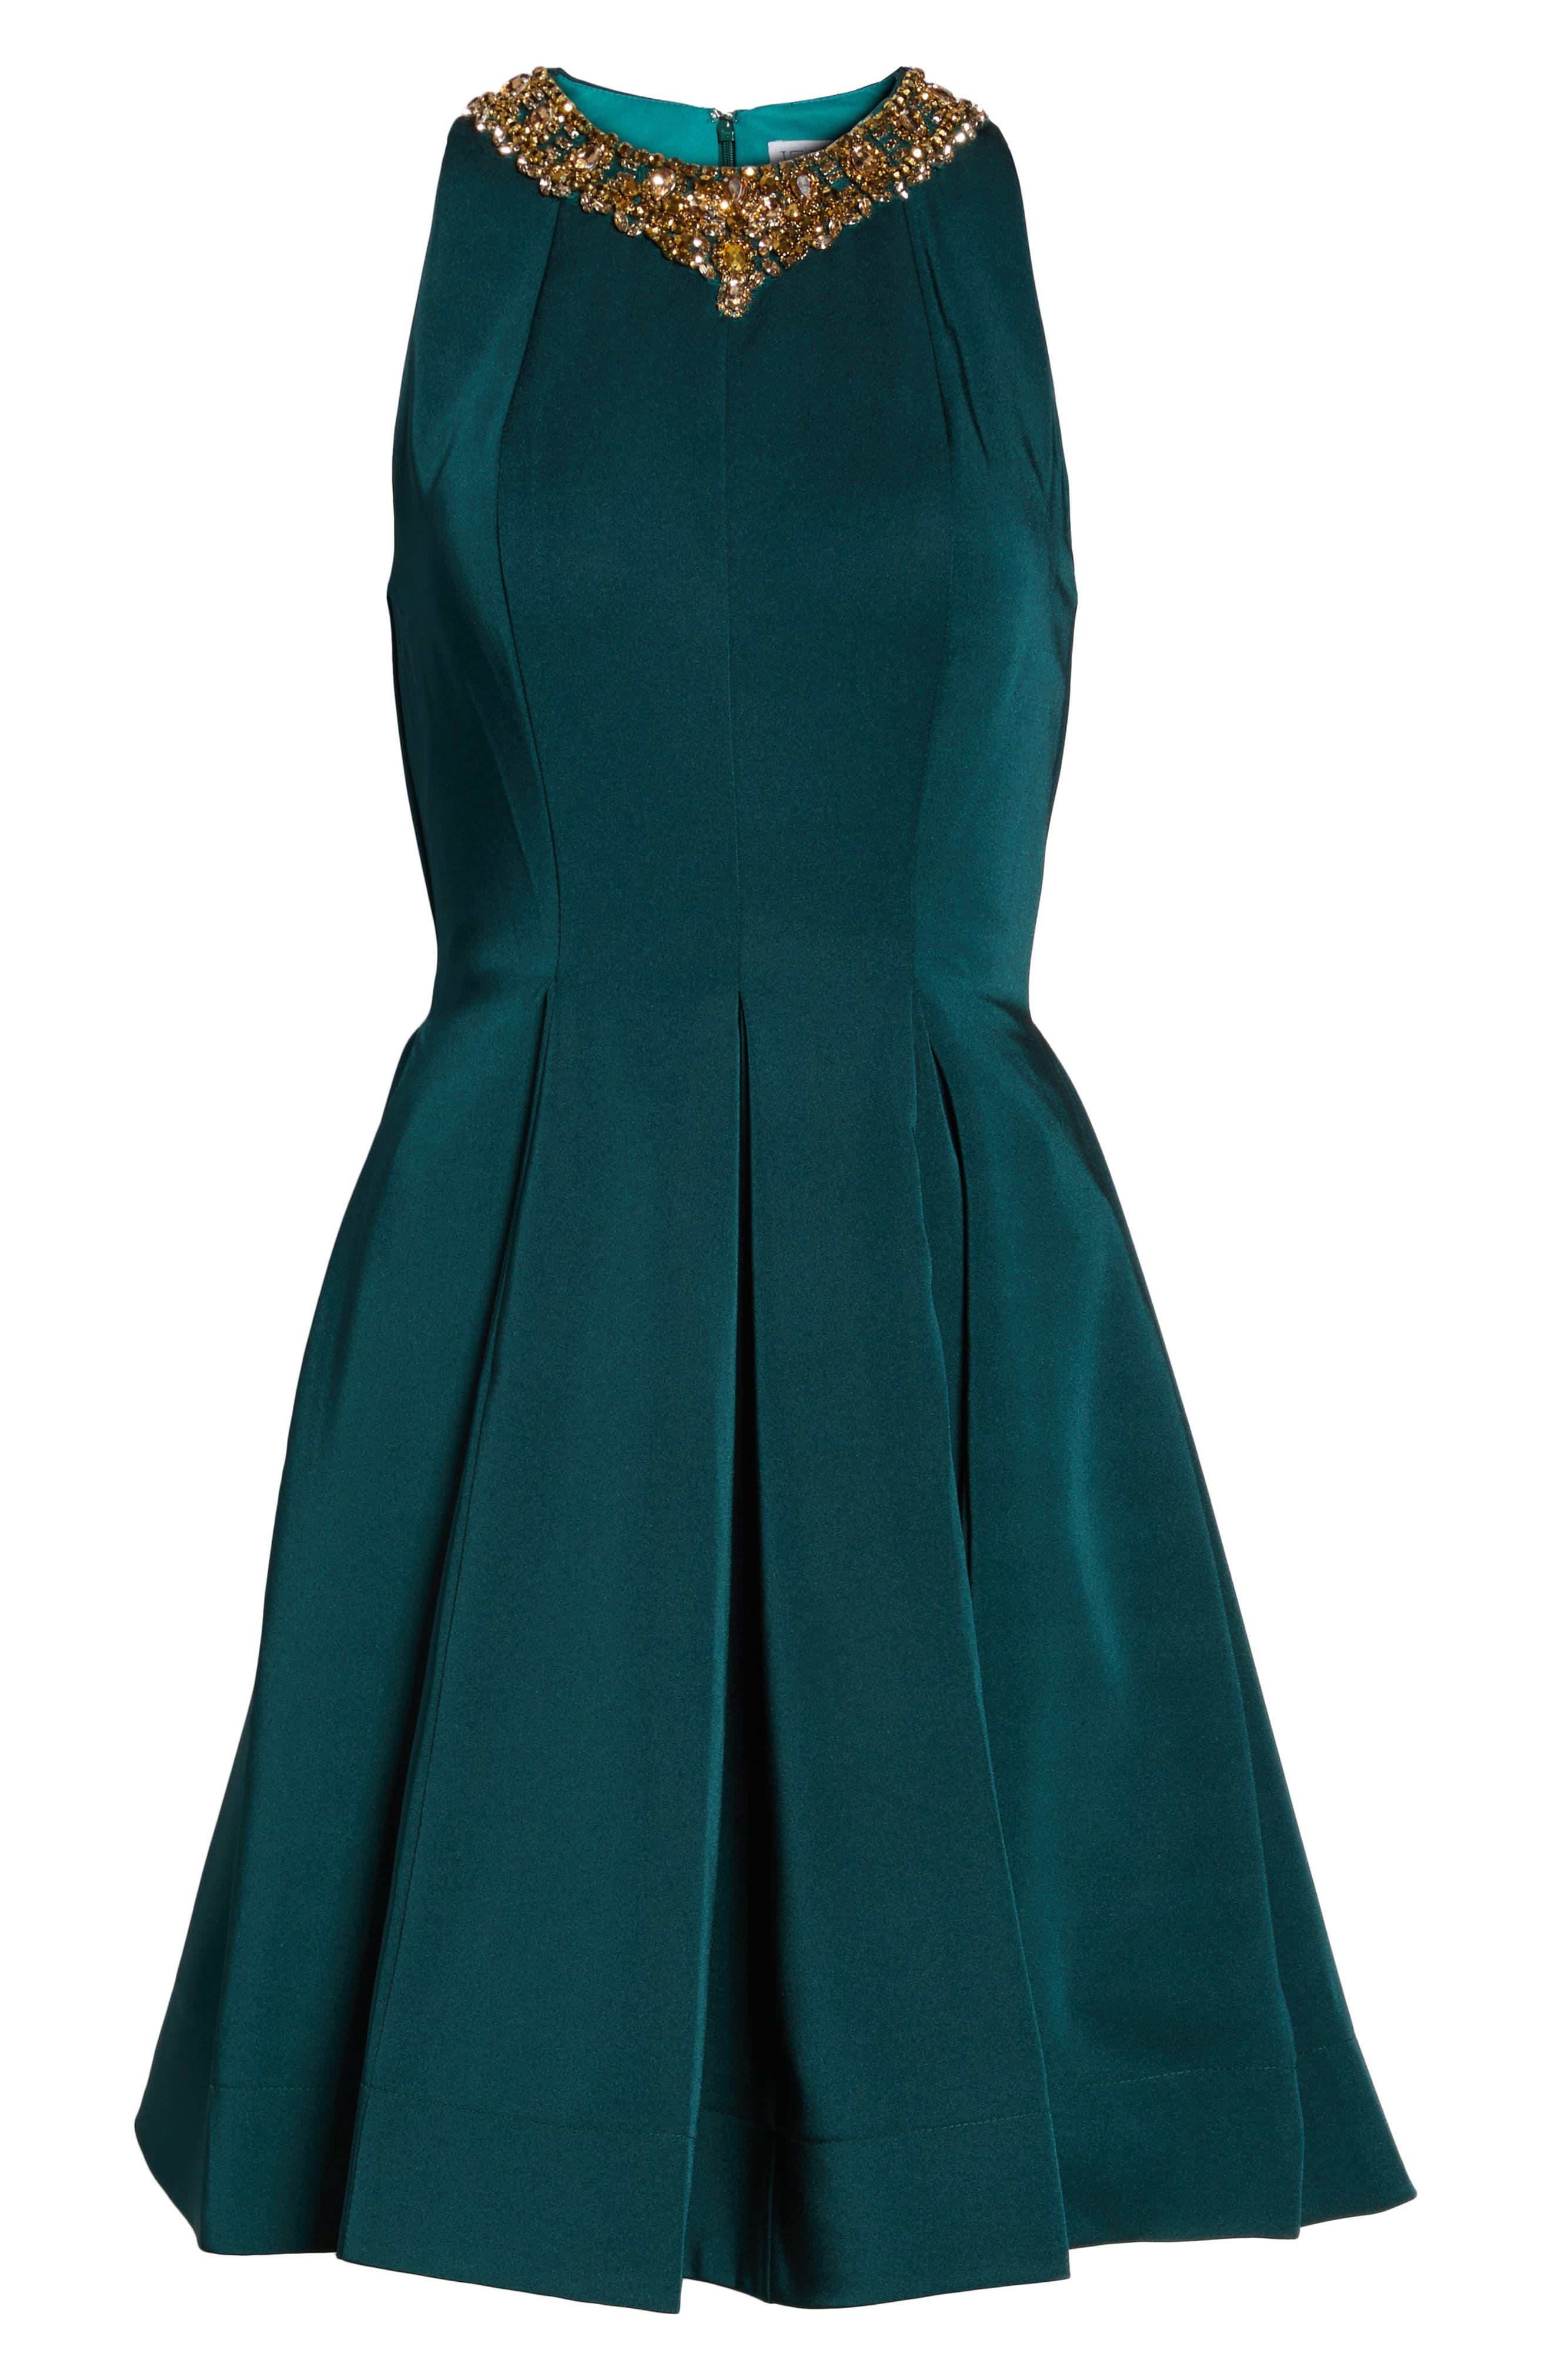 Embellished Fit & Flare Dress,                             Alternate thumbnail 7, color,                             EMERALD